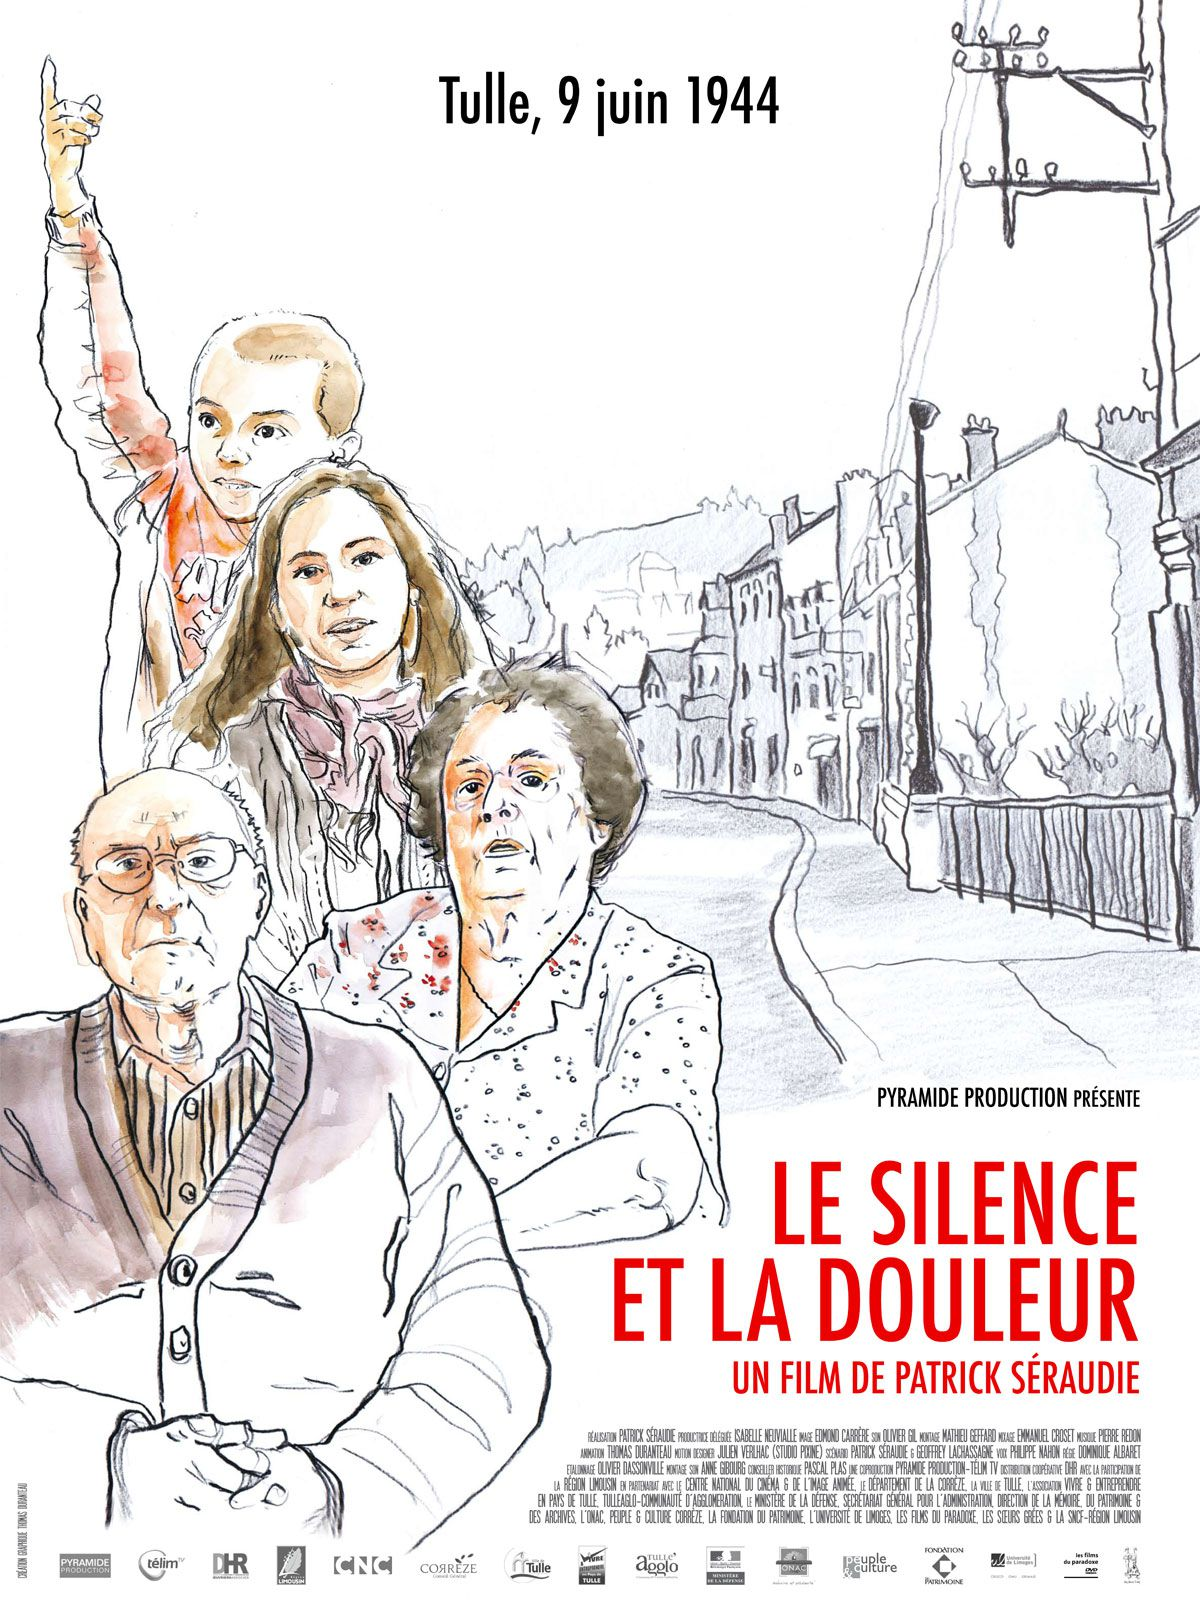 Le Silence et la douleur - Documentaire (2016)